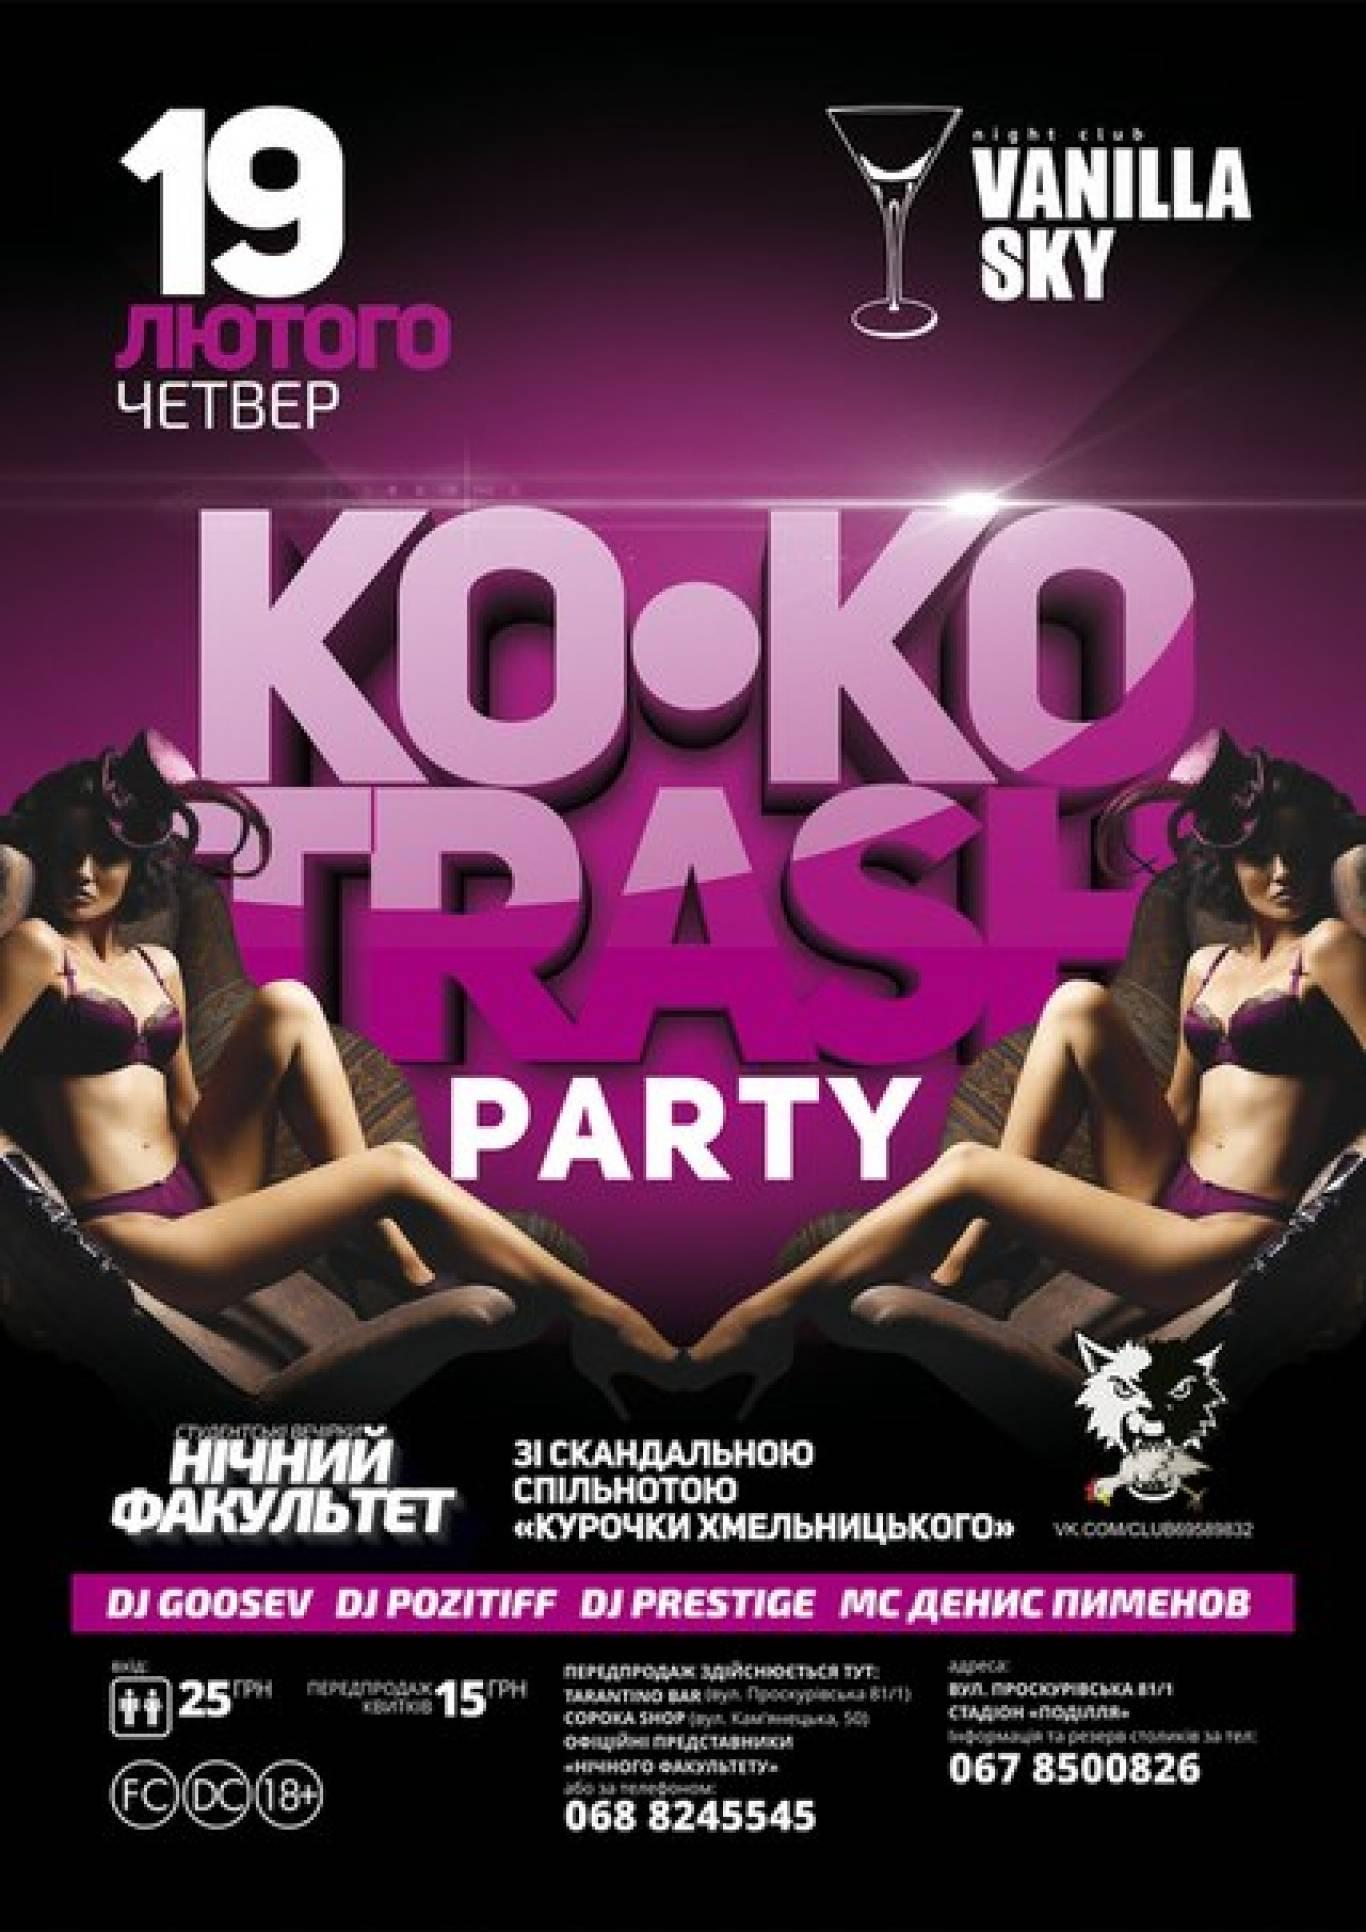 Ko-ko trash party